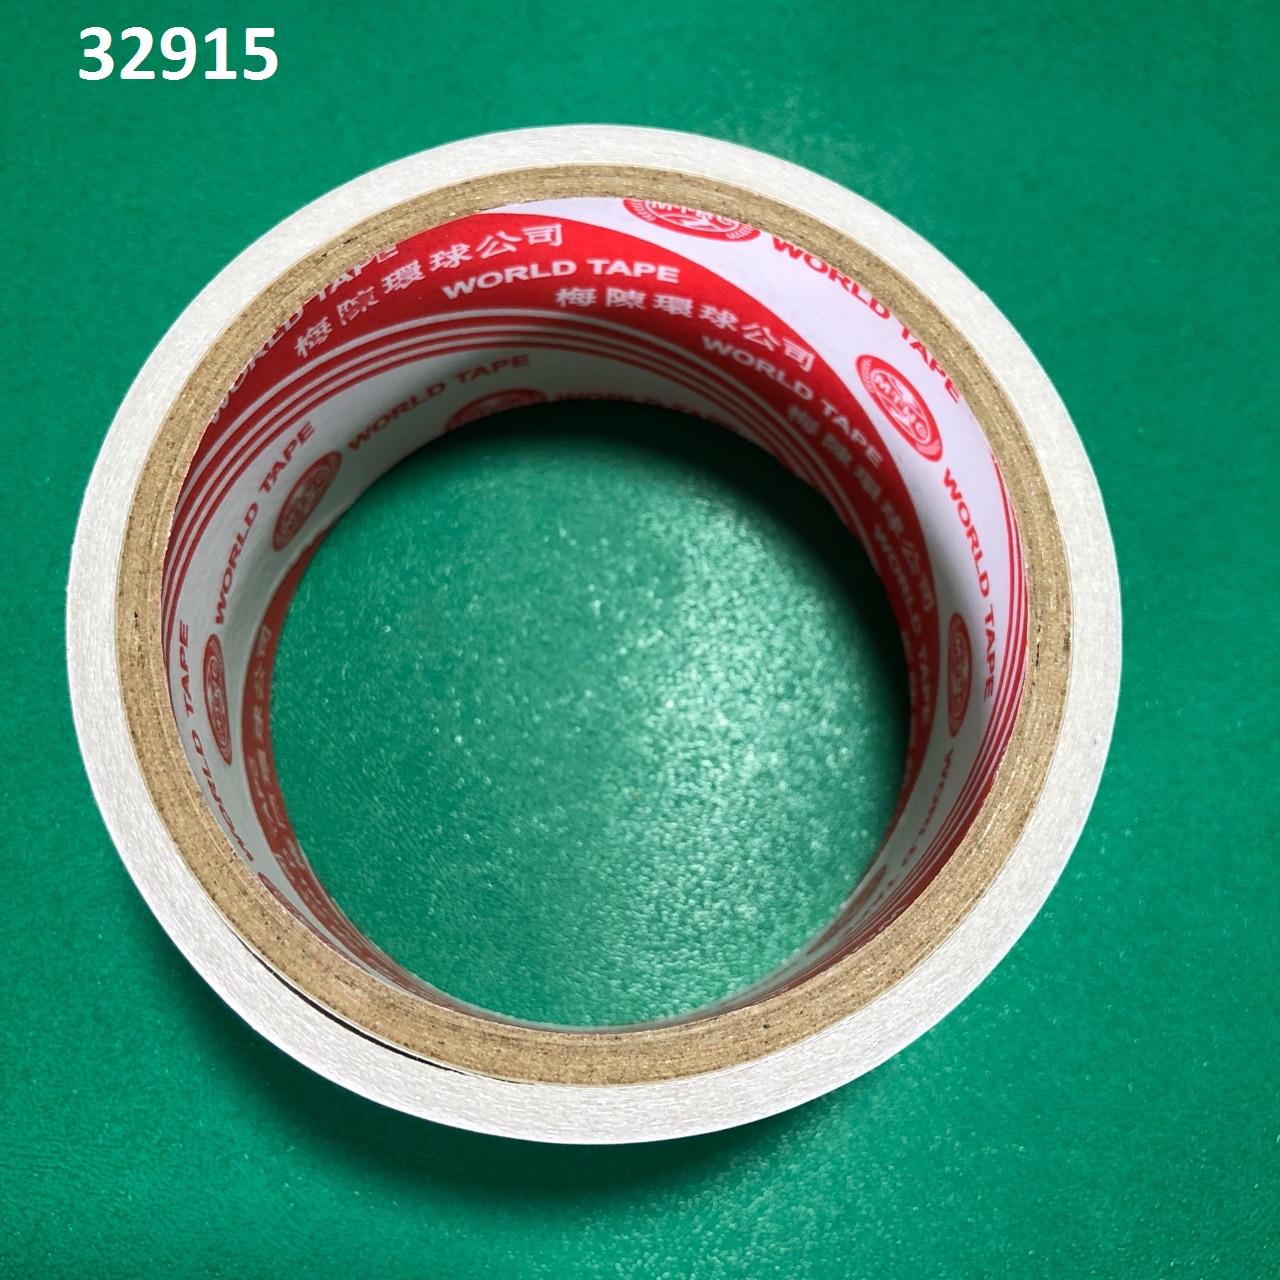 Băng keo 2 mặt 5F  TGCN-32915 VietnamMaterials